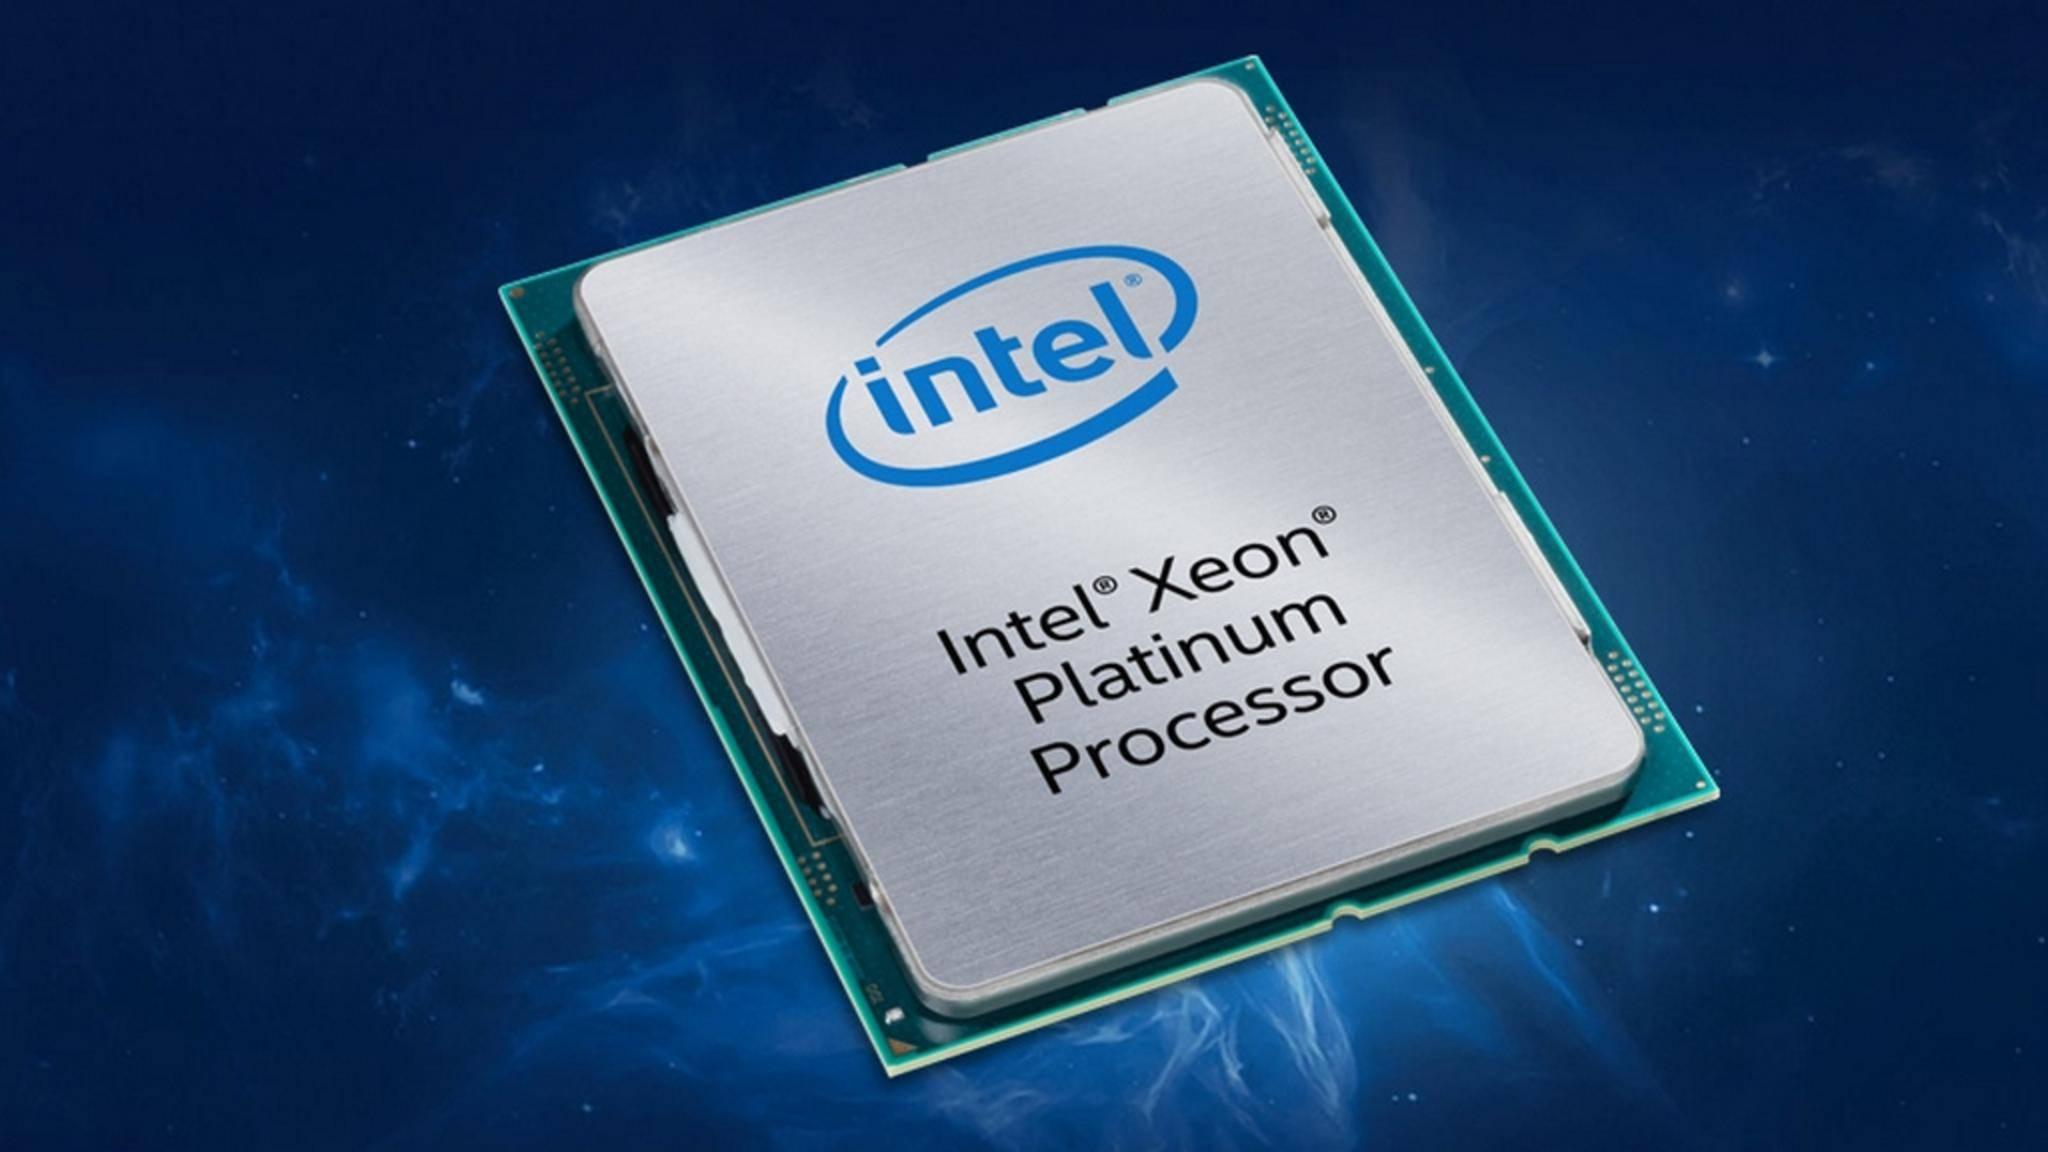 Fast alle Intel-Prozessoren sind für Meltdown und Spectre anfällig.